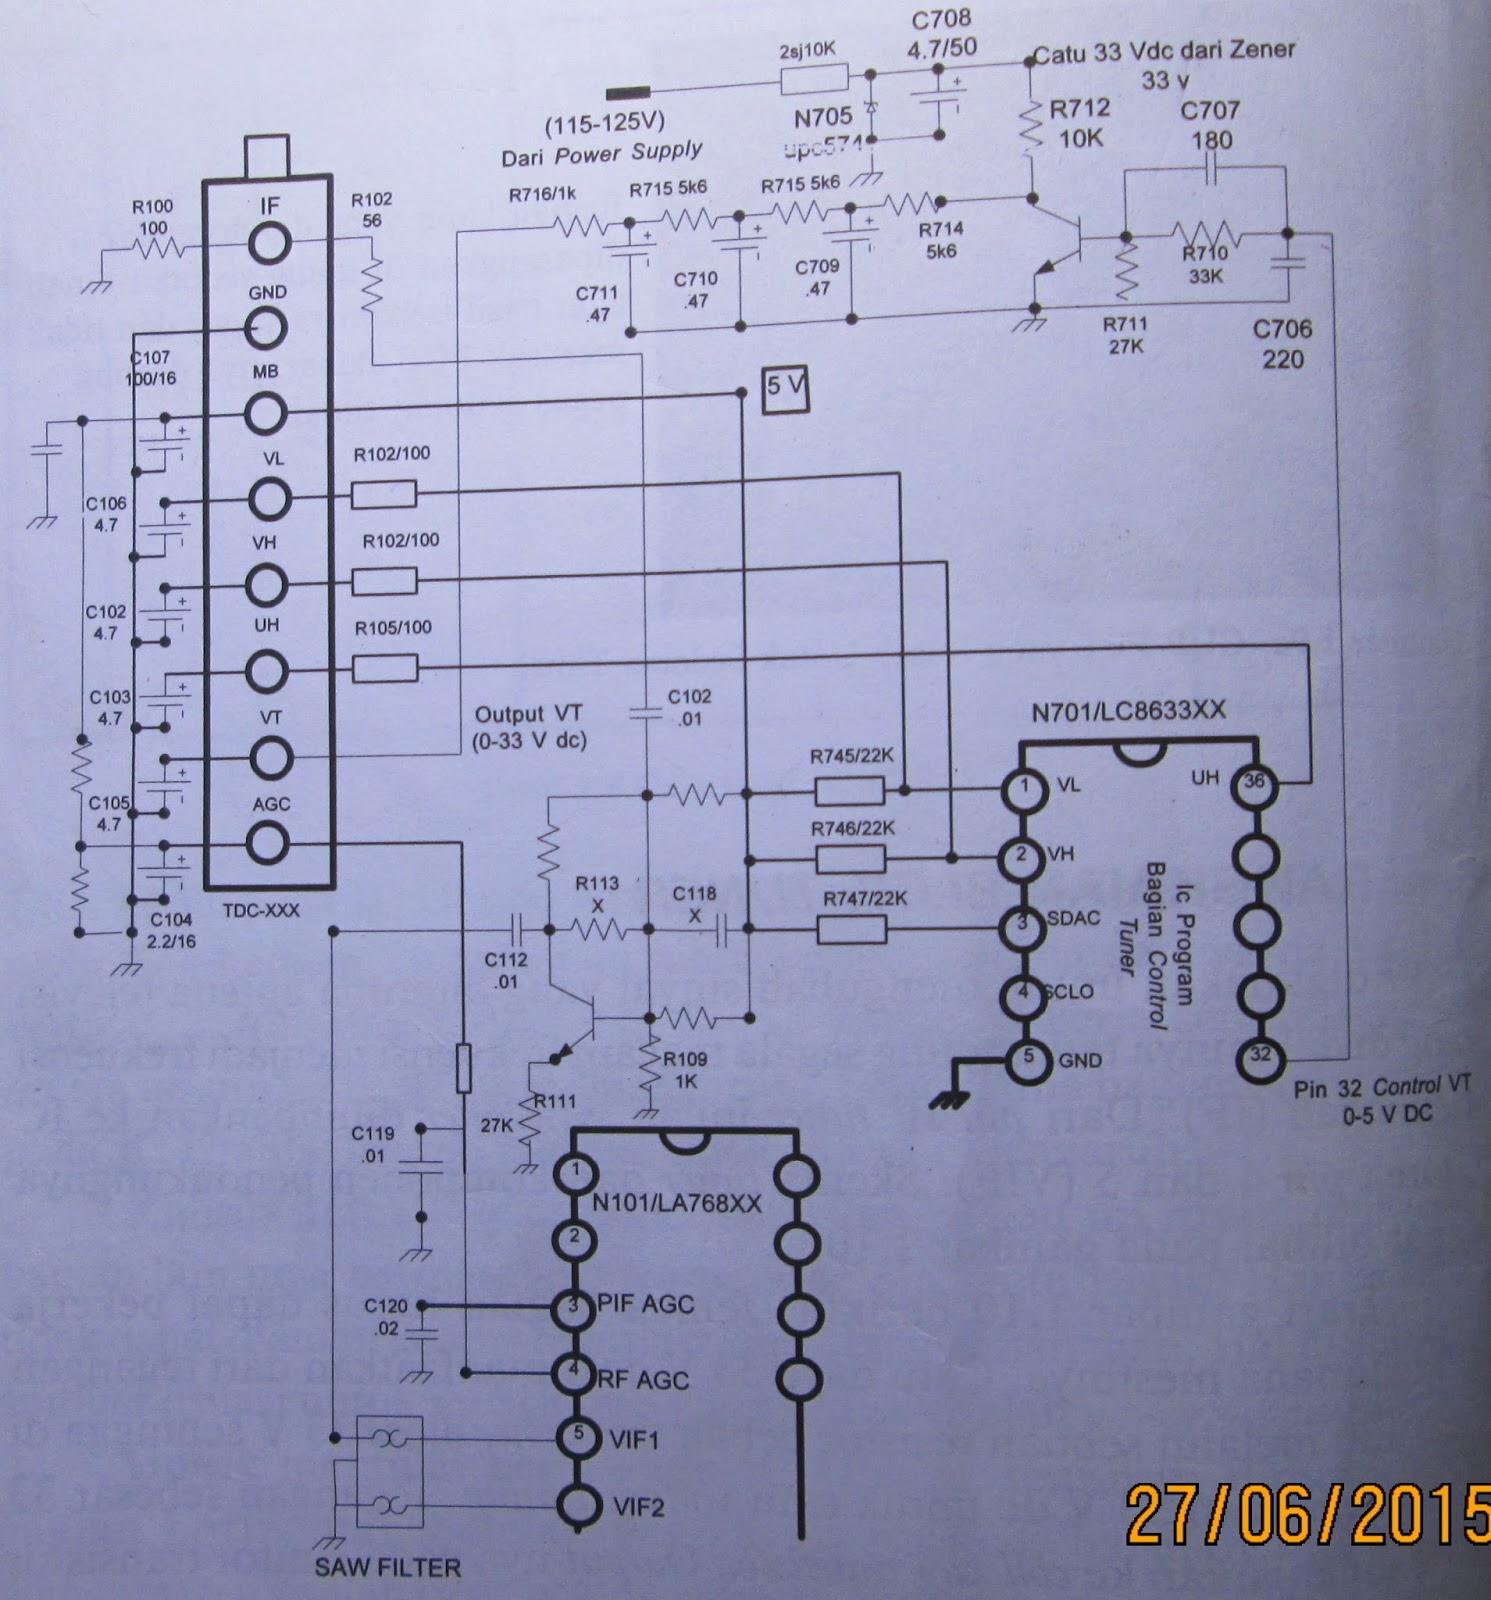 Service Tv Tabung Dan Trobbleshoting Rangkaian Penguat Vertical Electronic Circuit Diagram Using La78041 La78040 Skema Tuner Pendukungnya